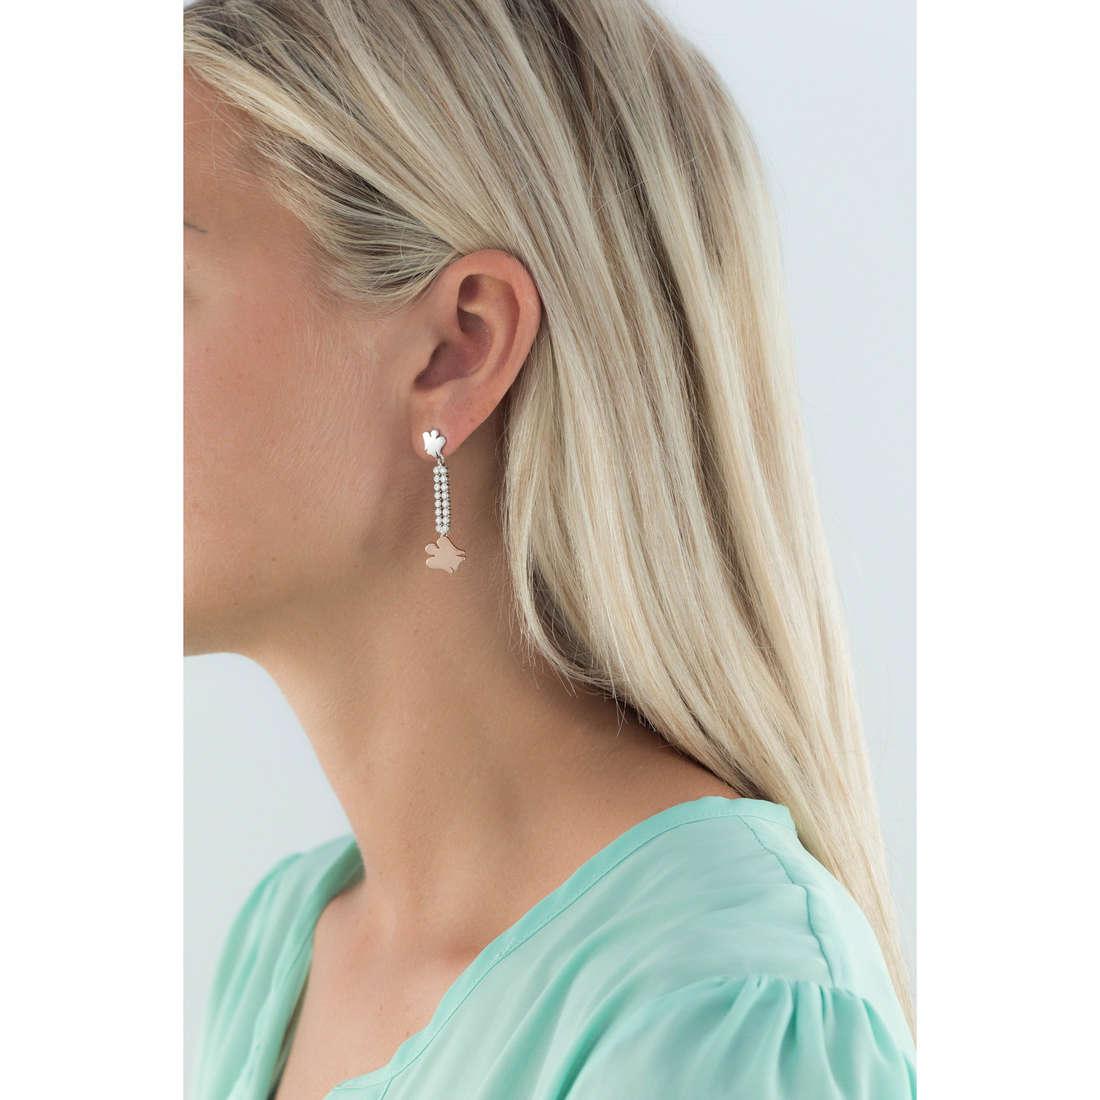 Giannotti boucles d'oreille Chiama Angeli femme GIA249 indosso